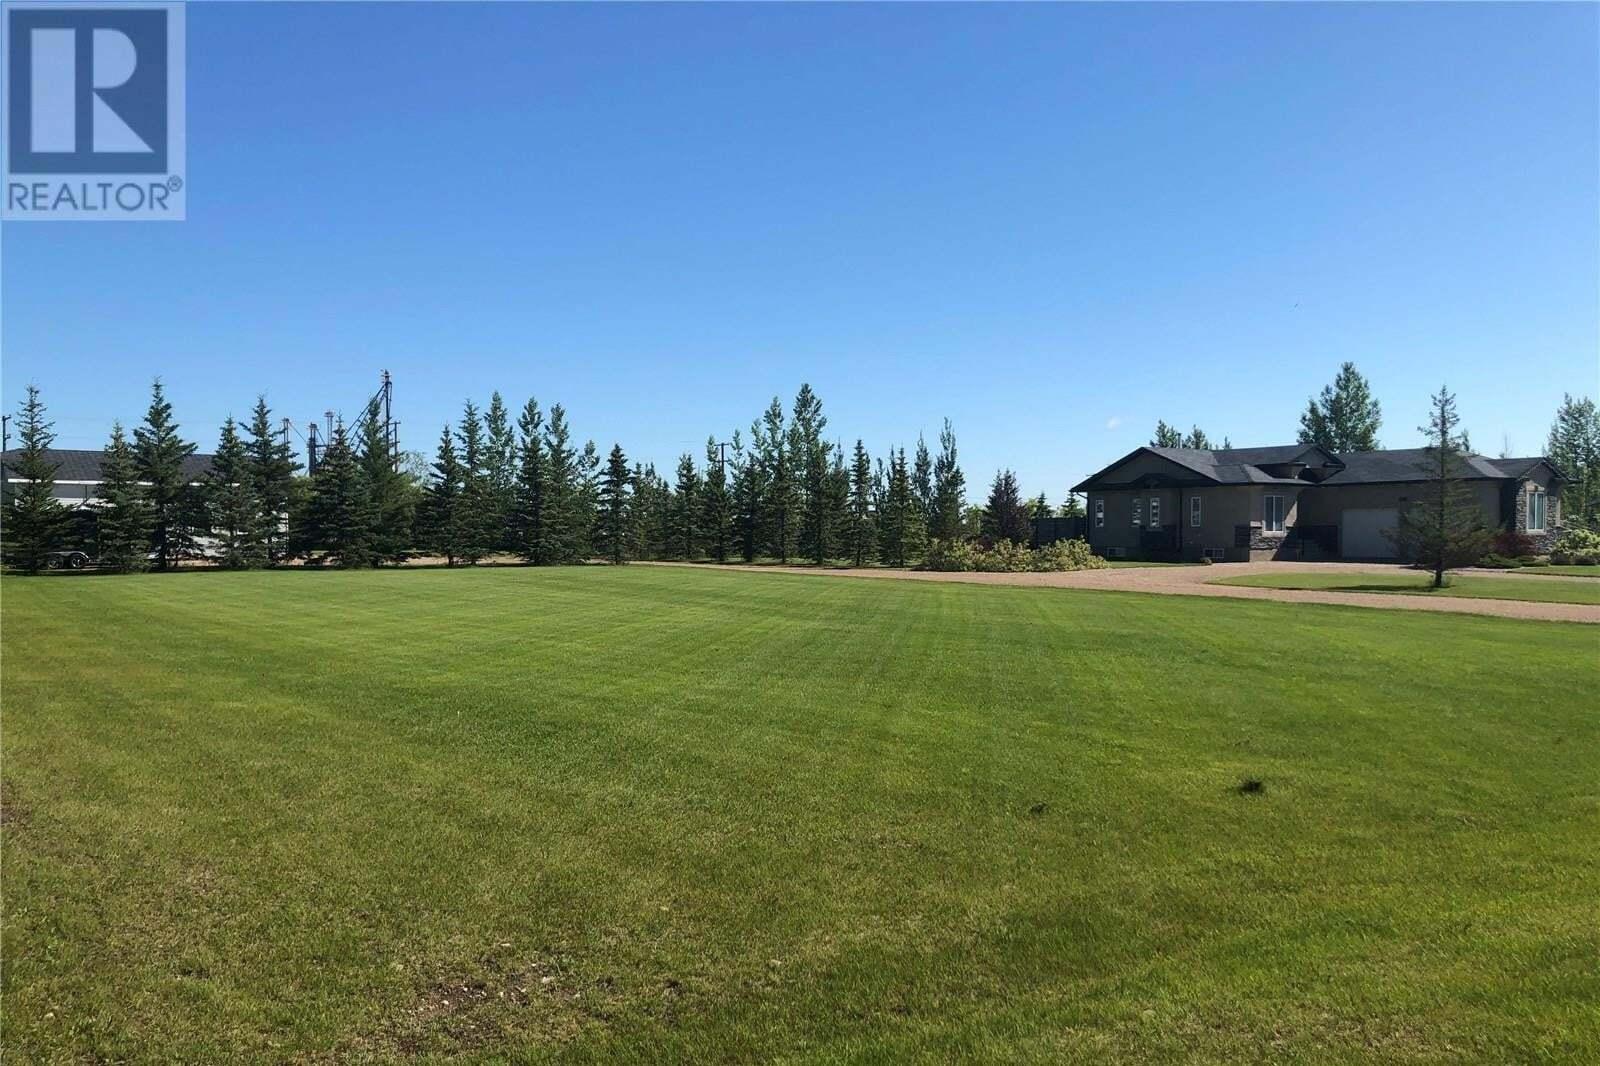 House for sale at 10315 & 10319 6th Ave Humboldt Saskatchewan - MLS: SK816981